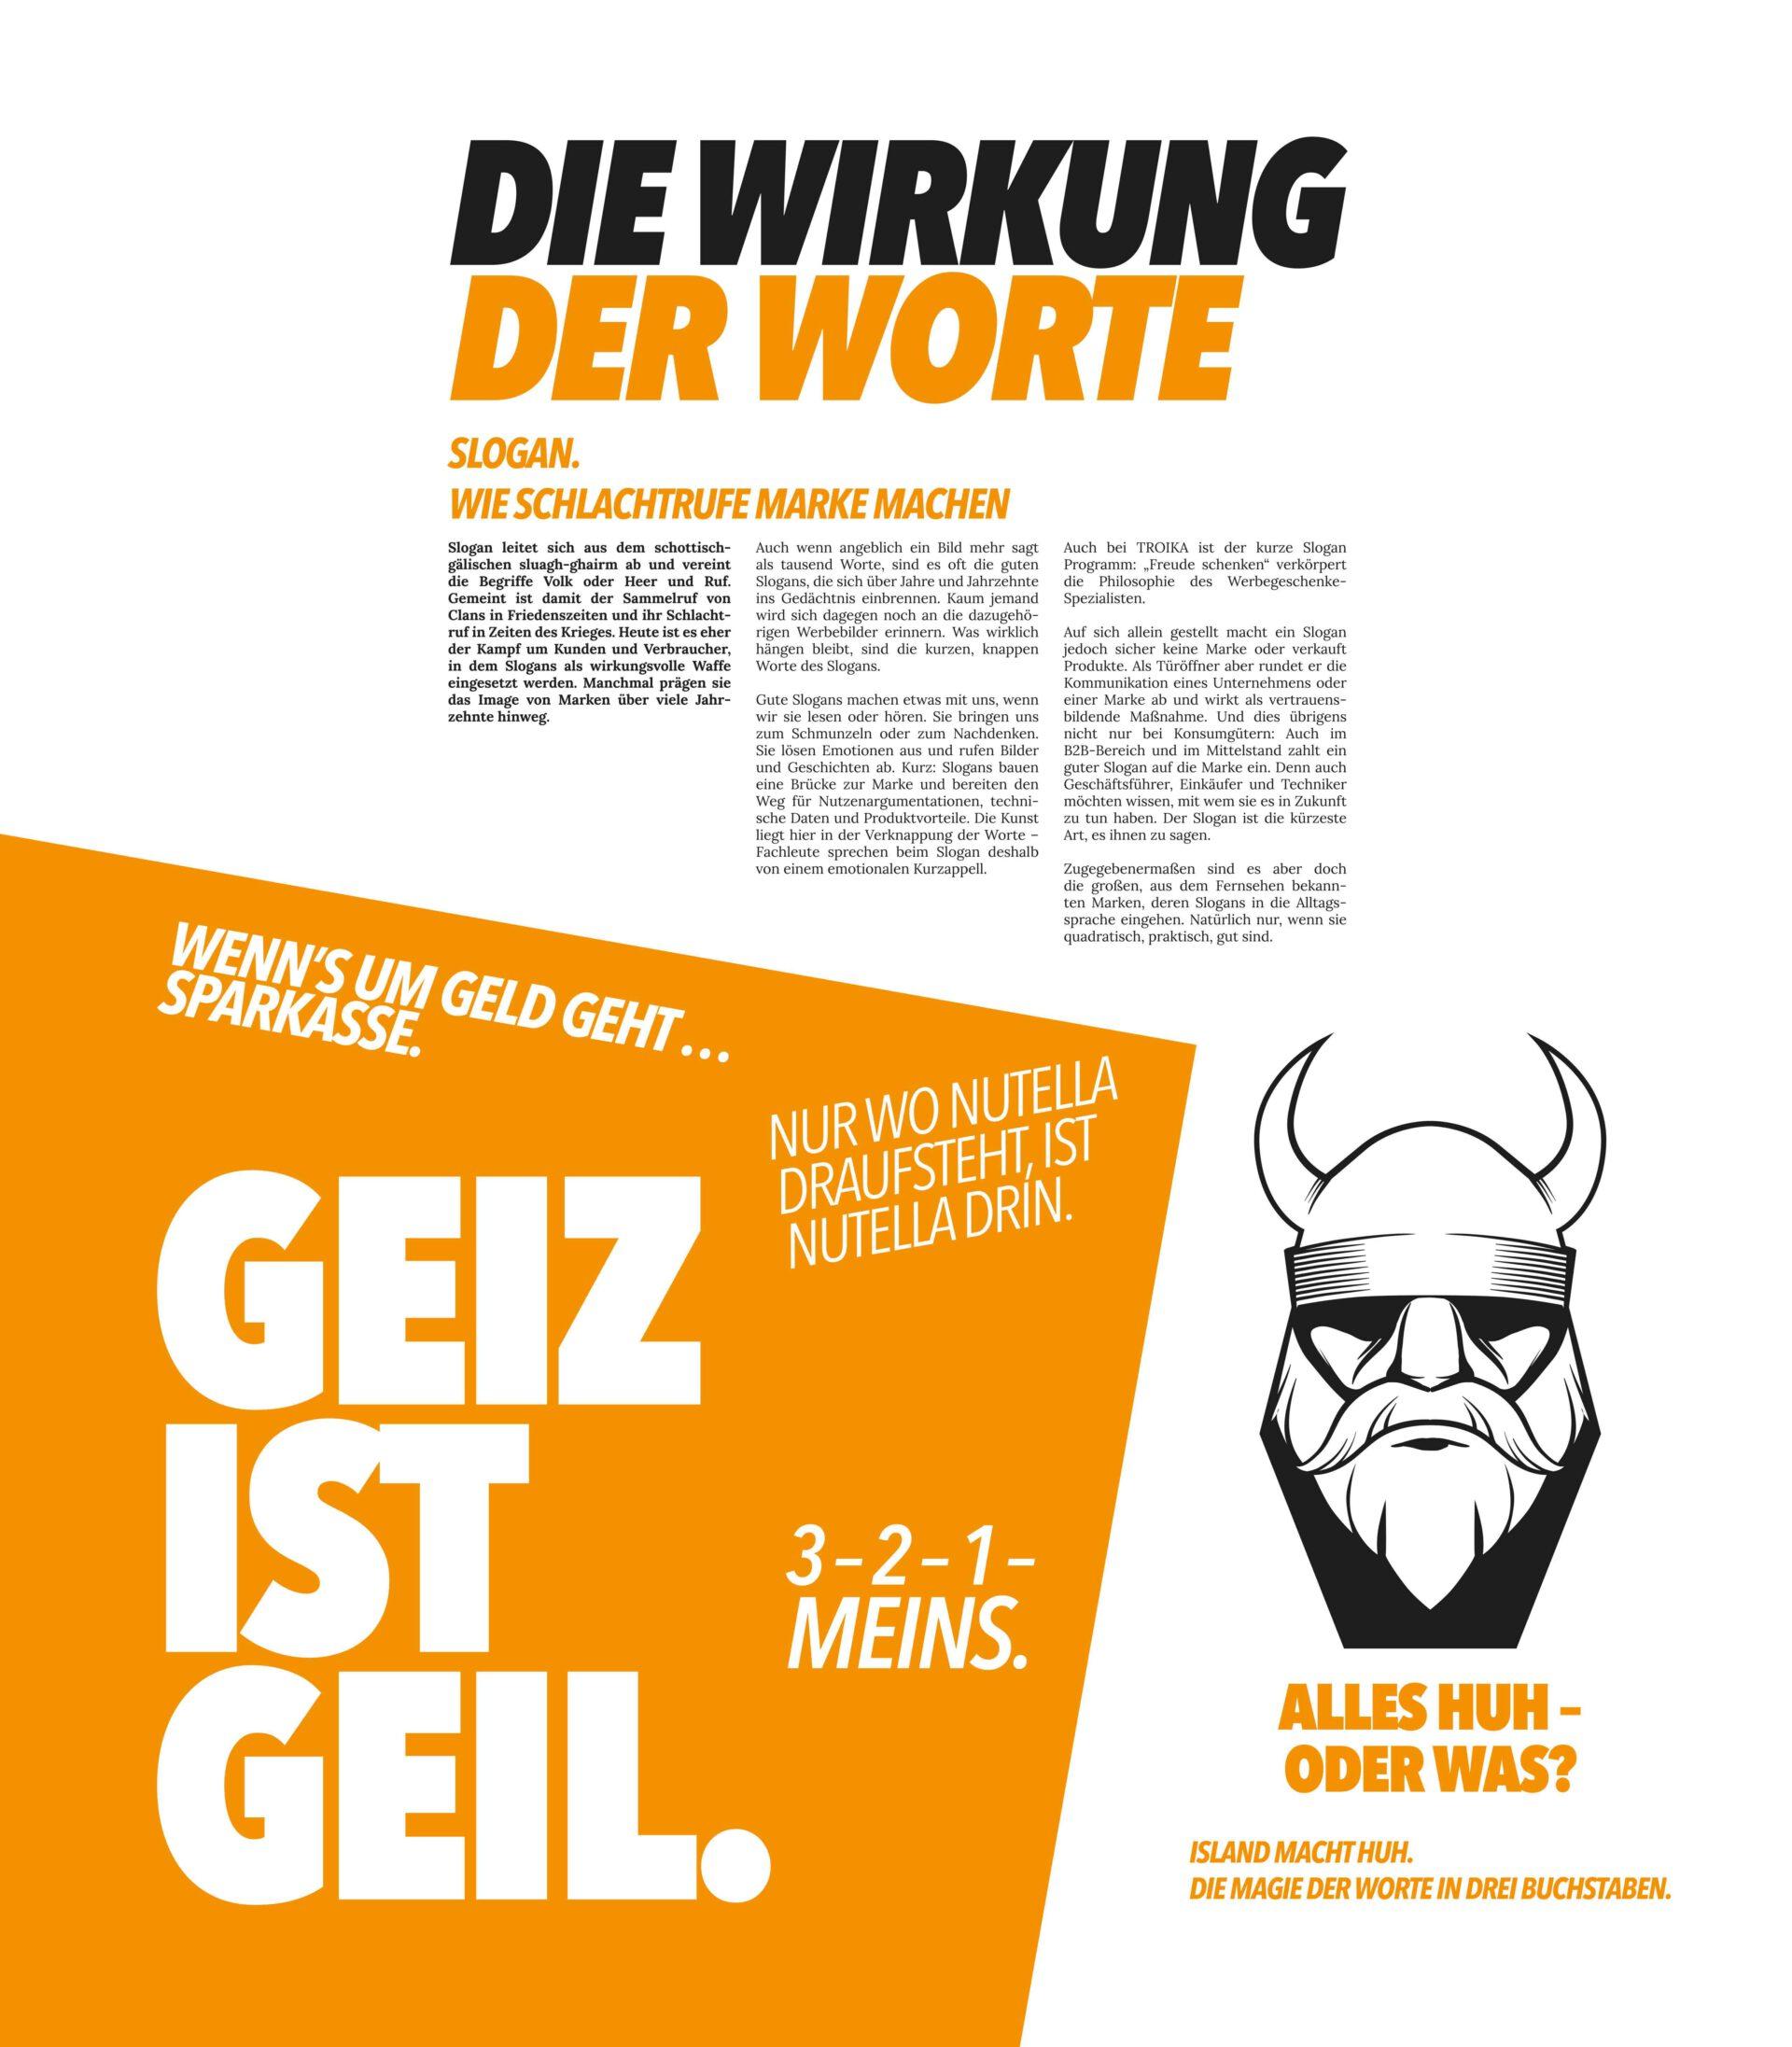 4Business Magazin-Entwurf Die Wirkung der Worte